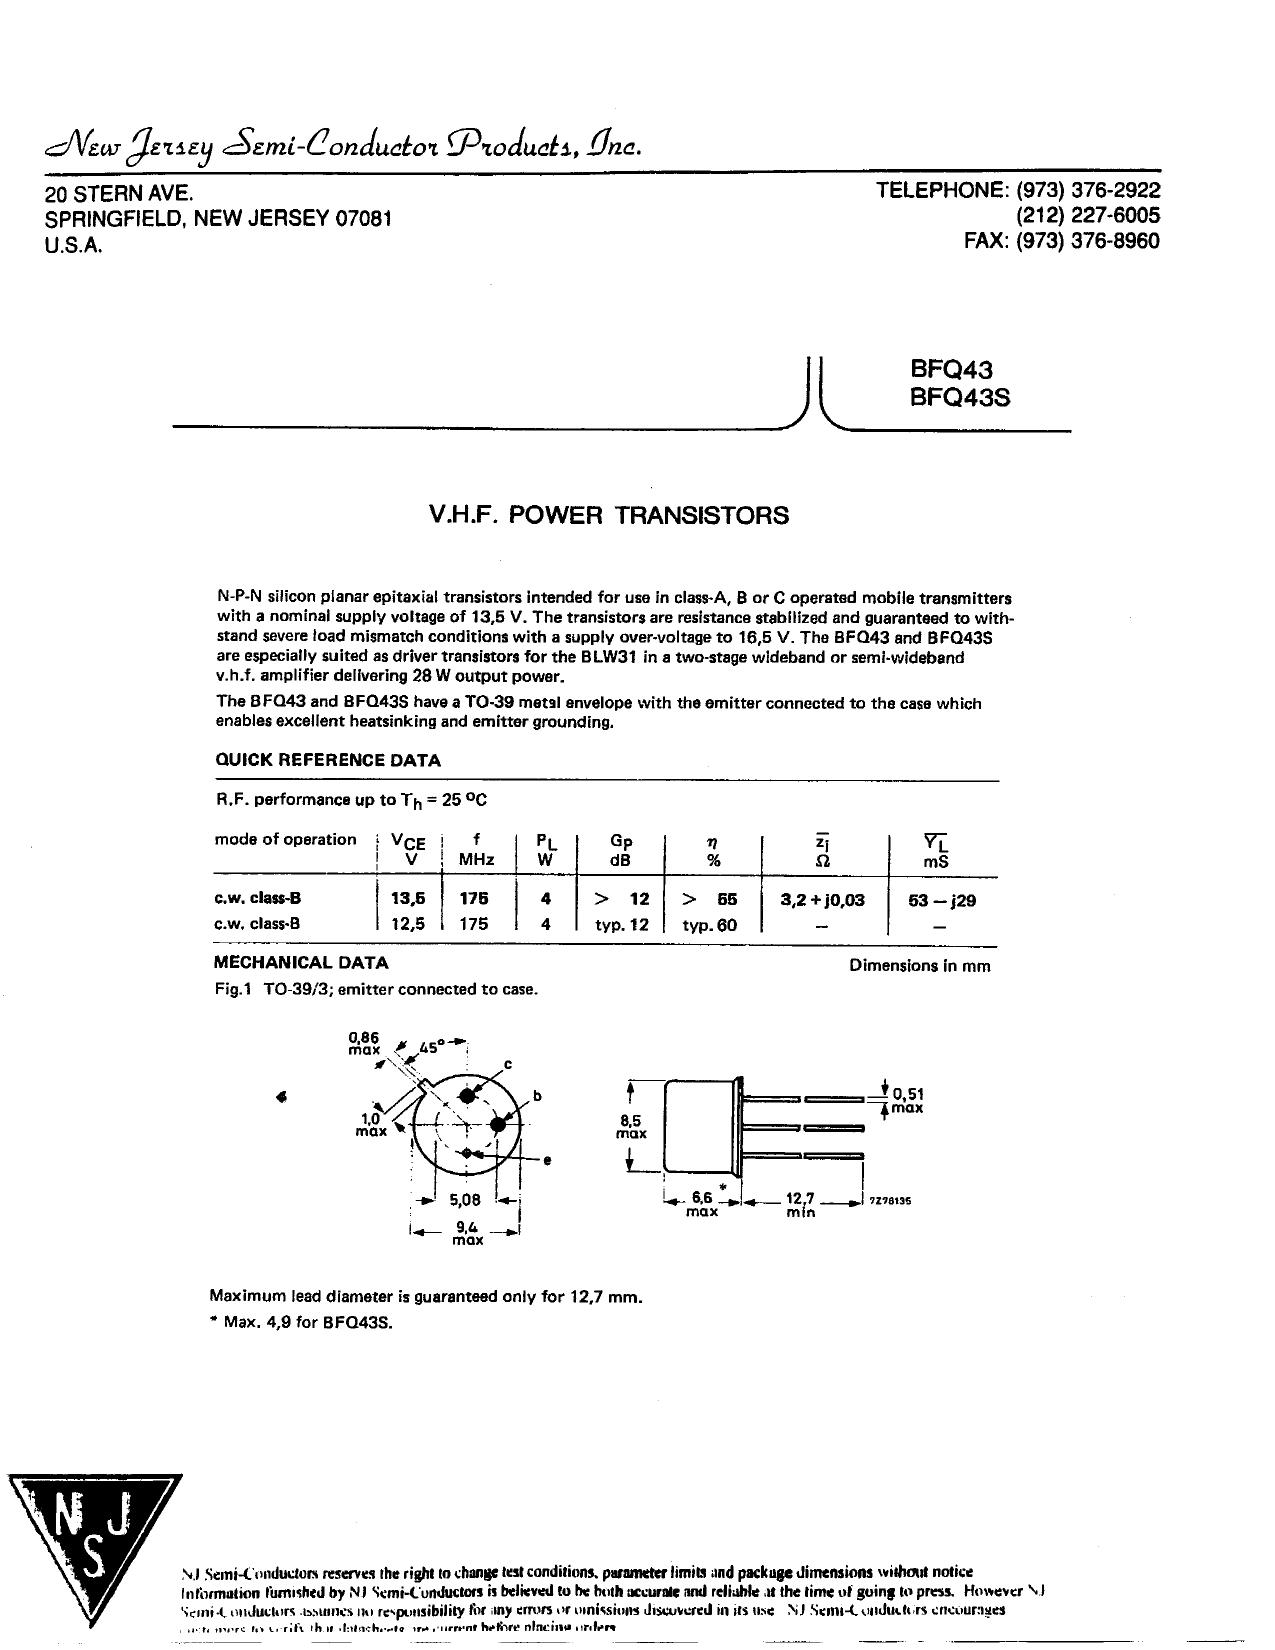 BFQ43 데이터시트 및 BFQ43 PDF